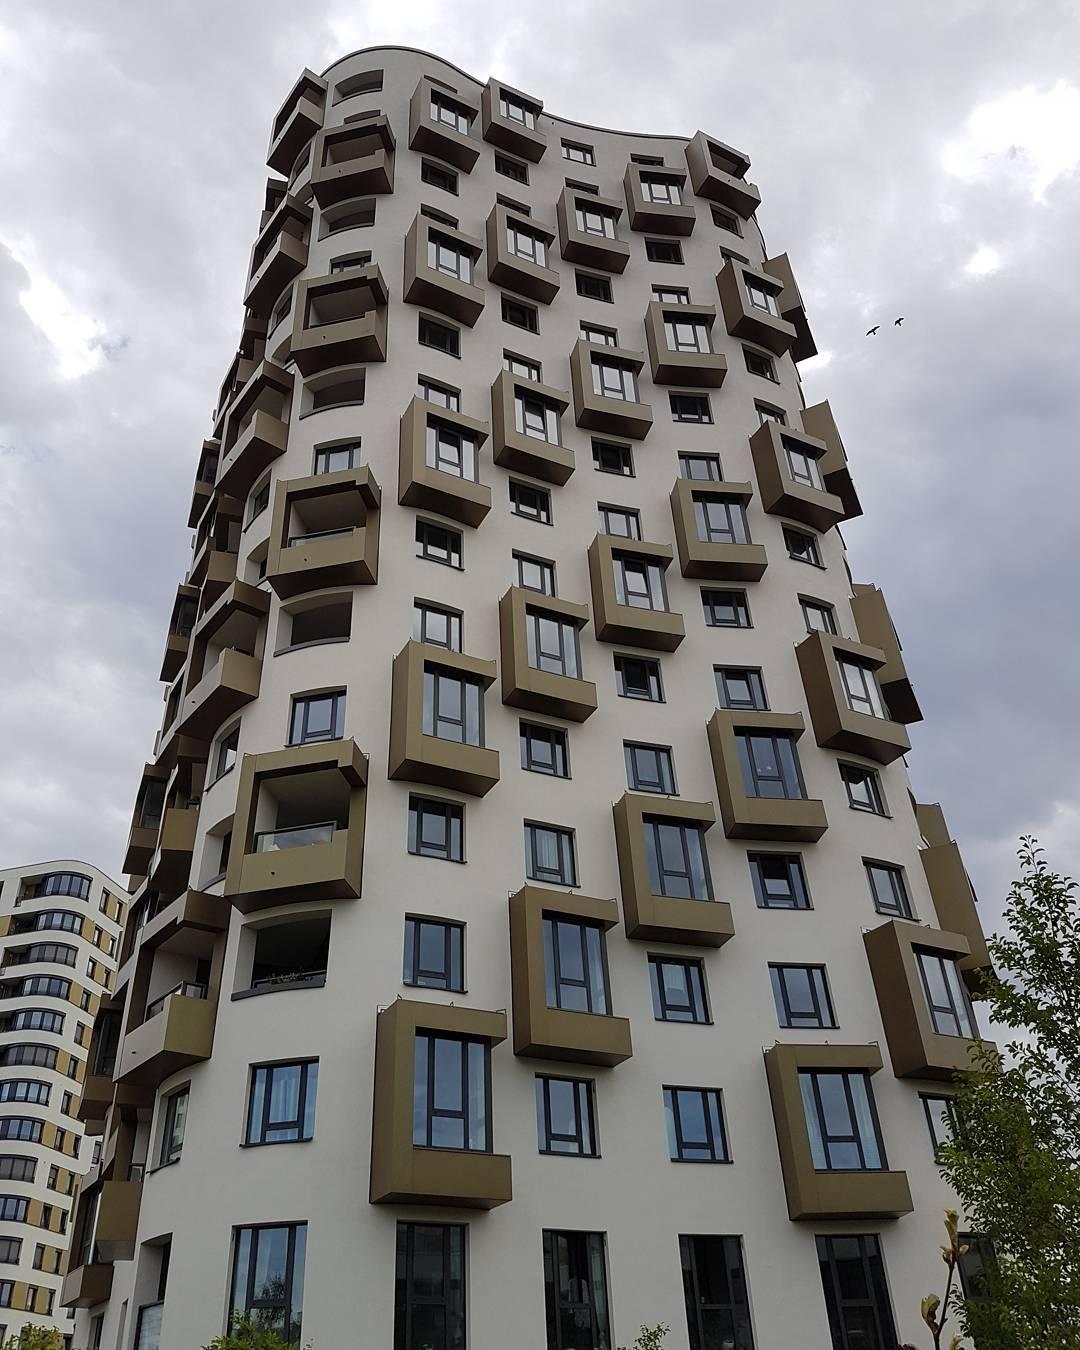 Komische neue Hochhäuser hier in München.com